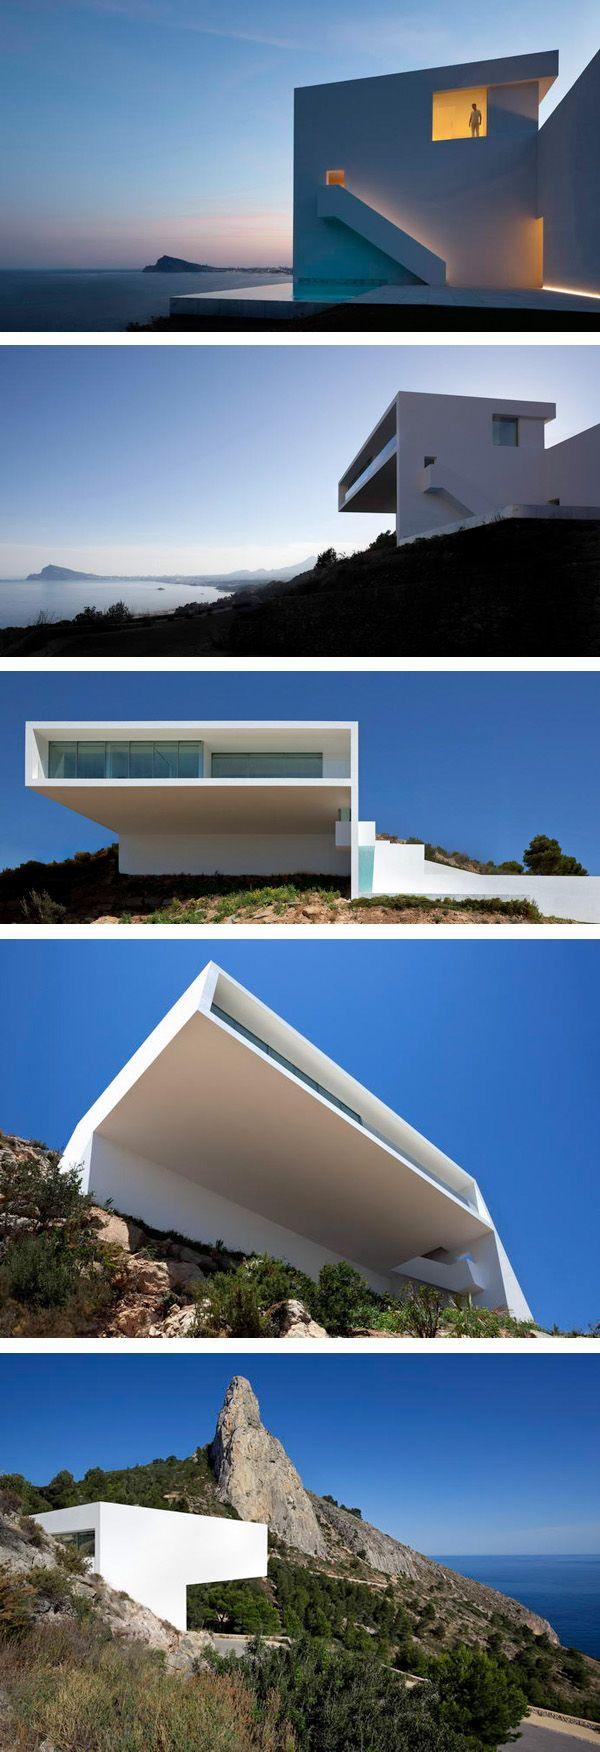 'Casa del acantilado' by Fran Silvestre Arquitectos